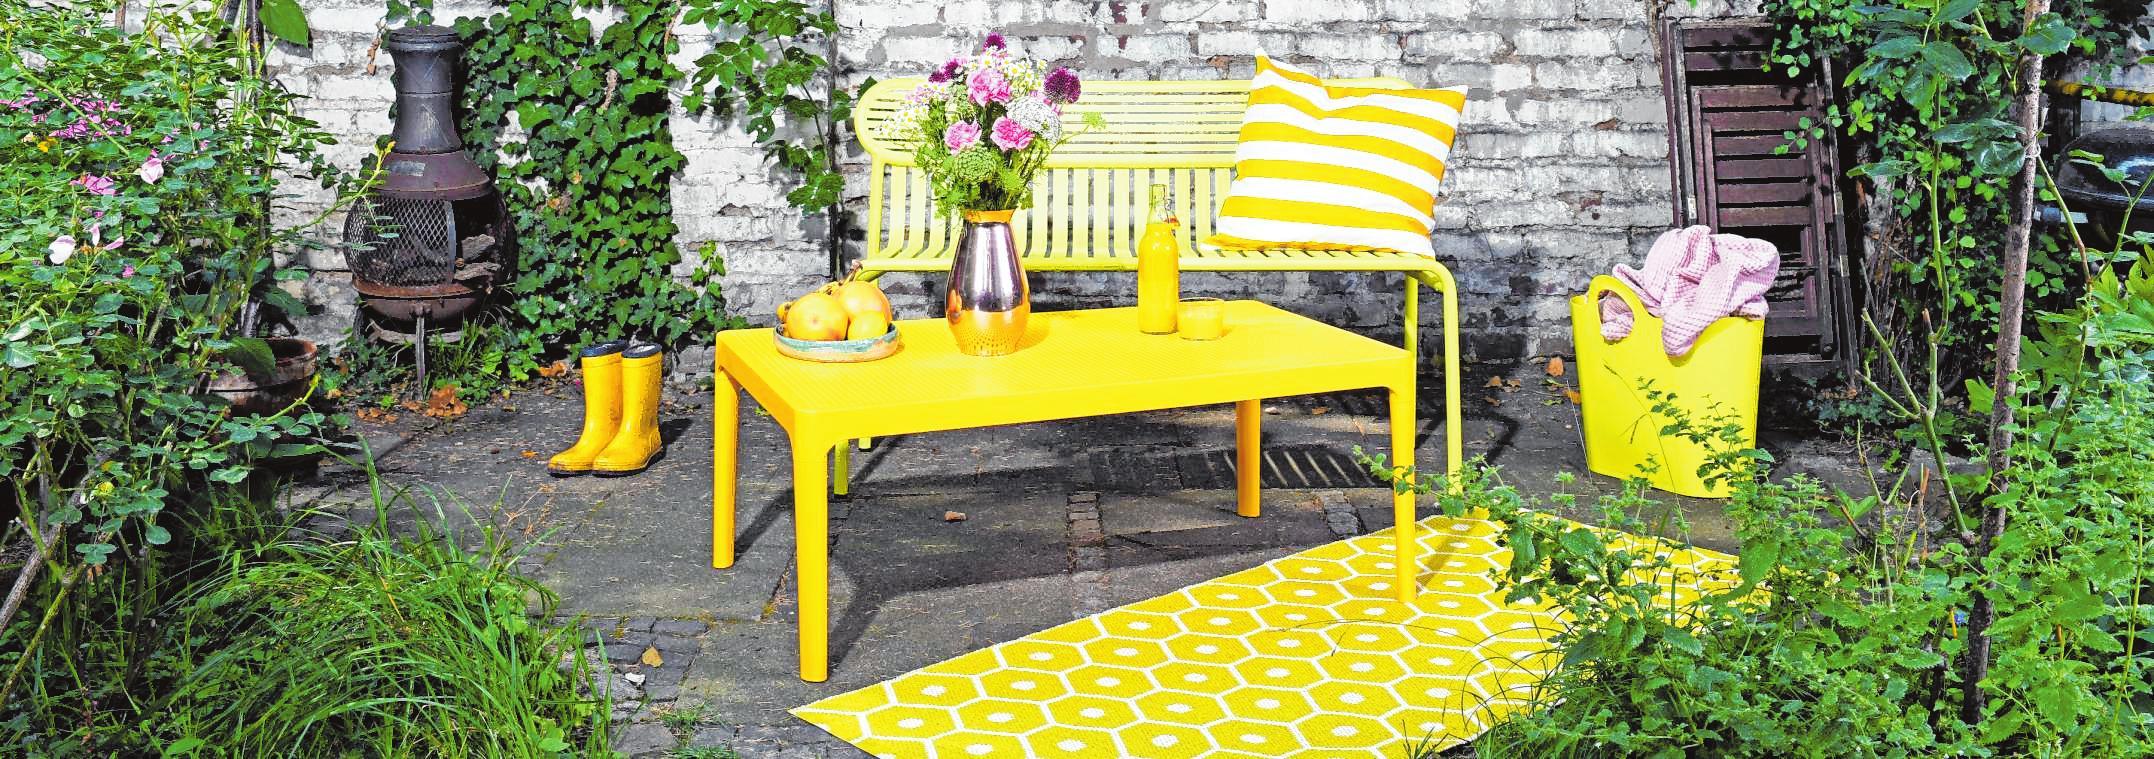 Auch wenn Grau nach wie vor dominiert: Gelbe Gartenmöbel liegen für die Saison 2020 im Trend. BILDER: Simone A. Mayer/dpa-tmn, Koelnmesse GmbH/dpa-tmn